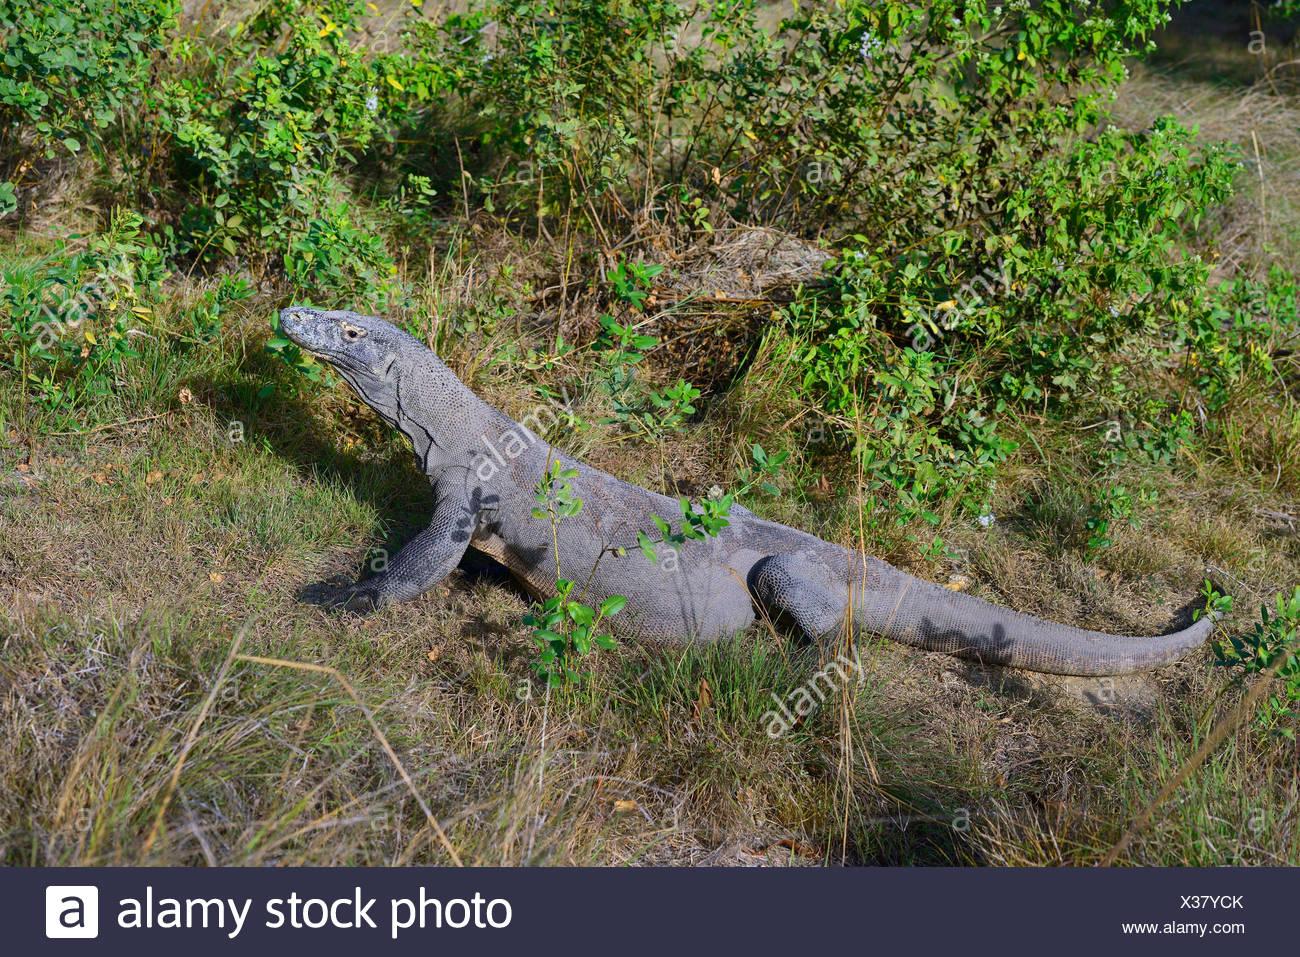 Komodo-Waran, Komodo Waran, Komodowaran (Varanus komodoensis), im Grasland, Seitenansicht, Indonesien, Rinca, Komodo Nationalpar - Stock Image